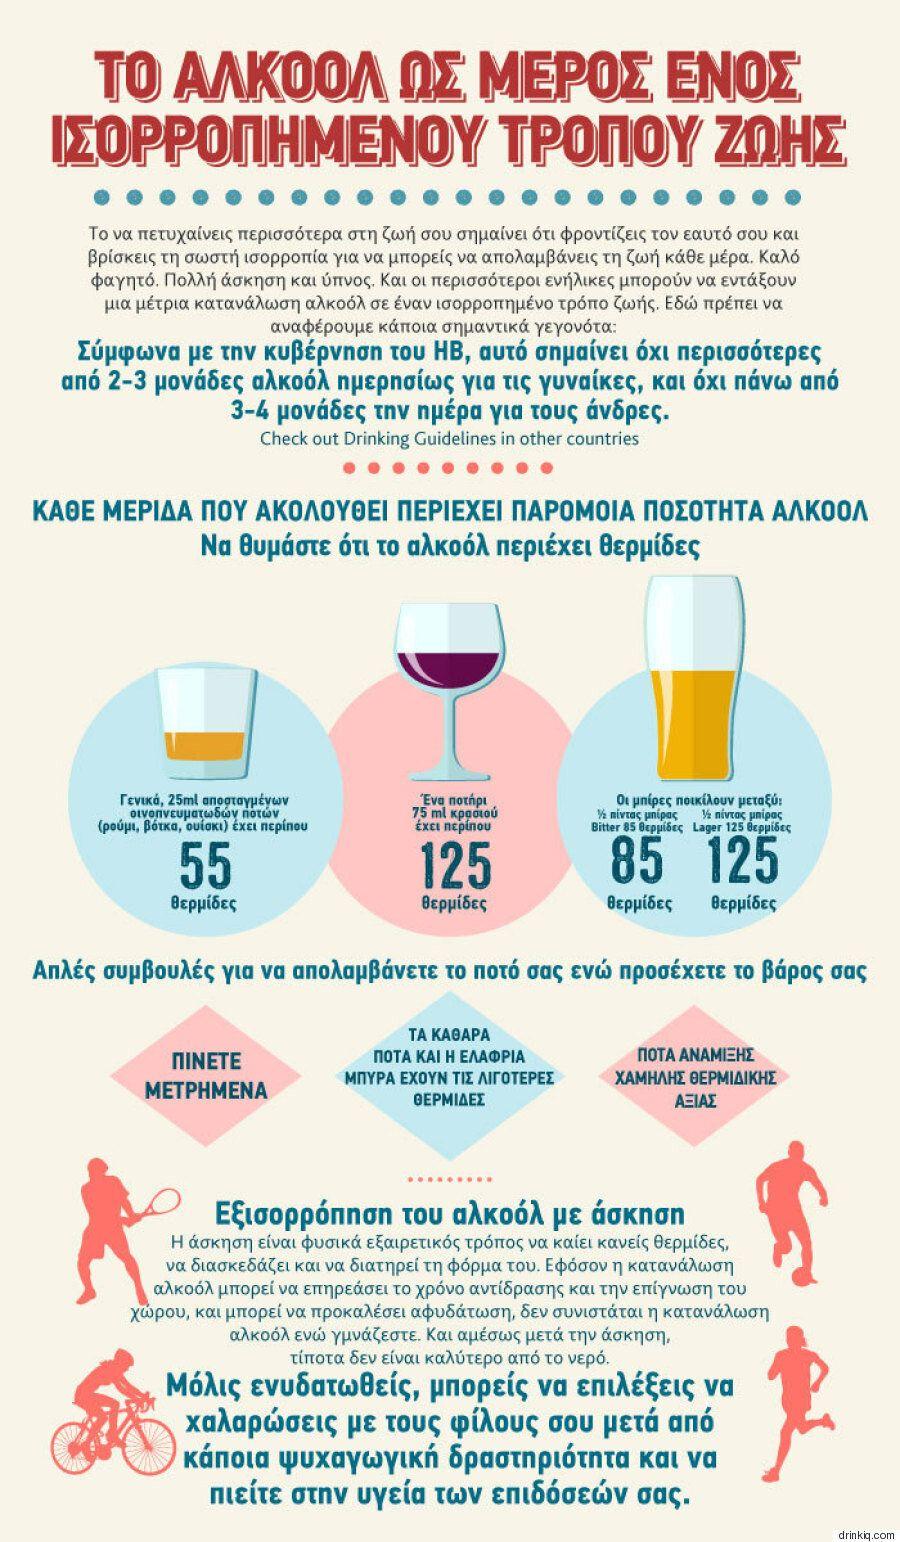 Οι θερμίδες, οι μύθοι και πόσο επιτρέπεται να πίνουμε. Όσα πρέπει να γνωρίζετε για το